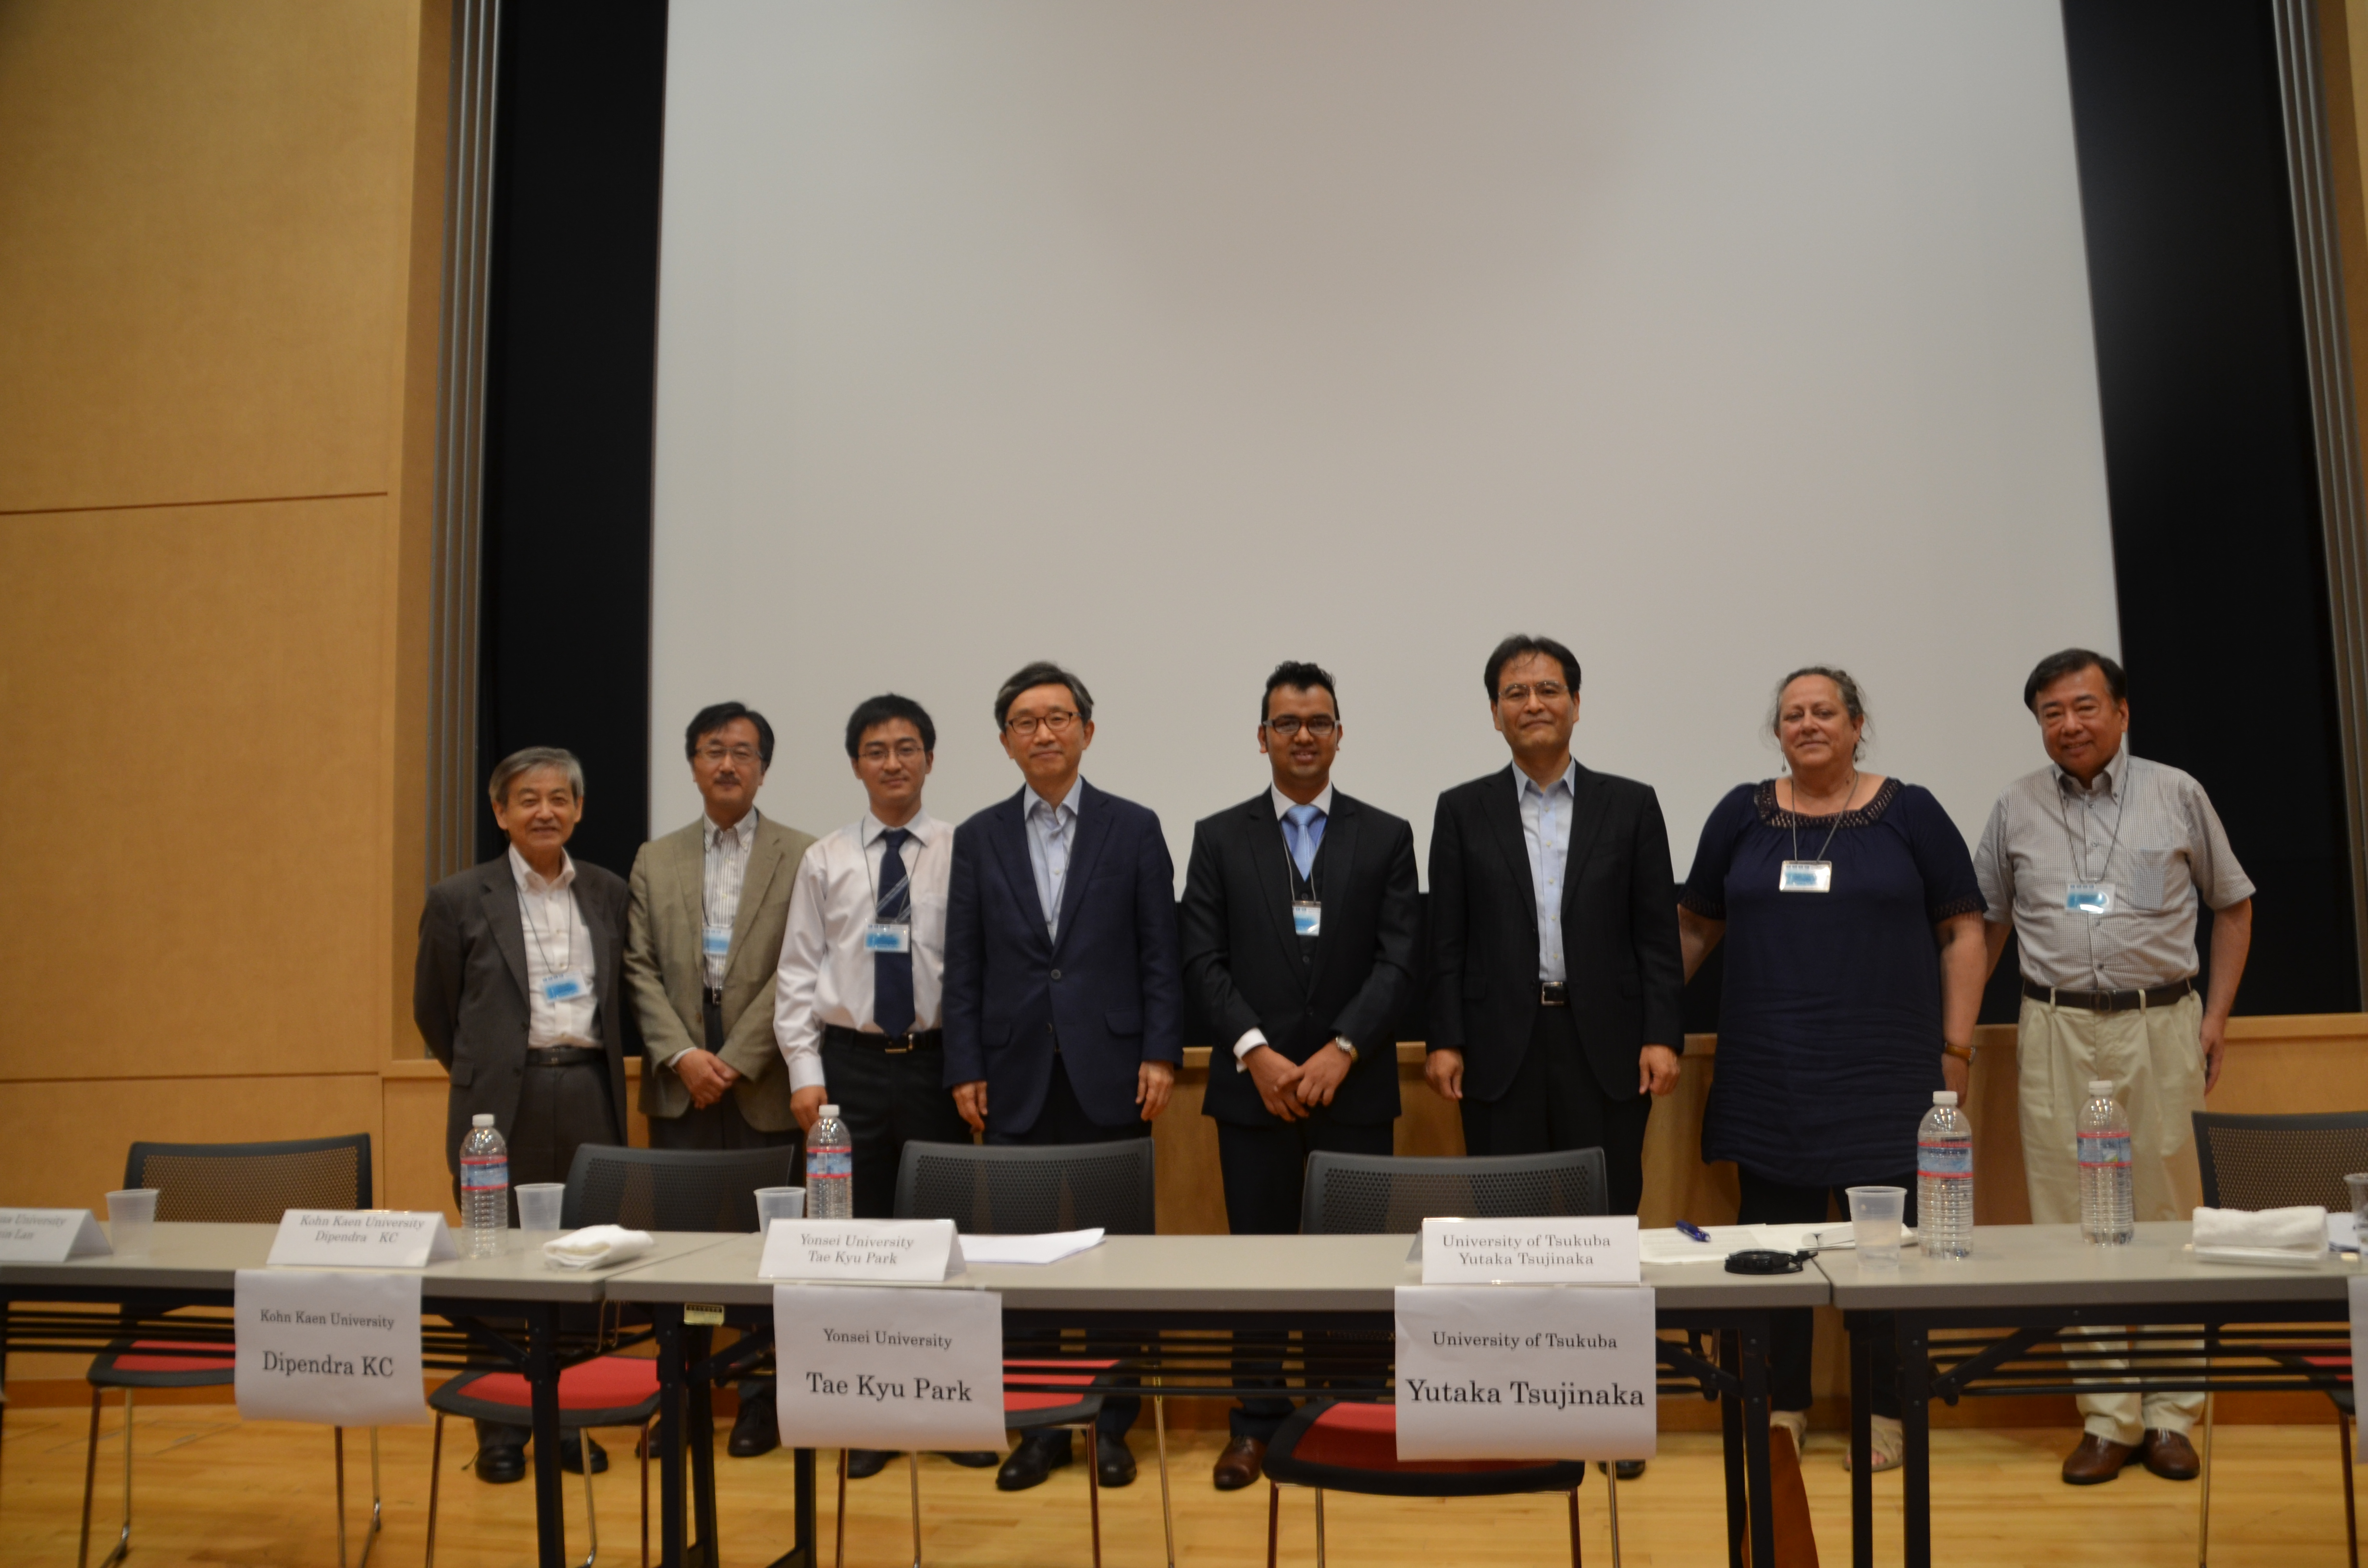 日本大学大学院法学研究科 | 第9回アジア太平洋地域大会が開催されました